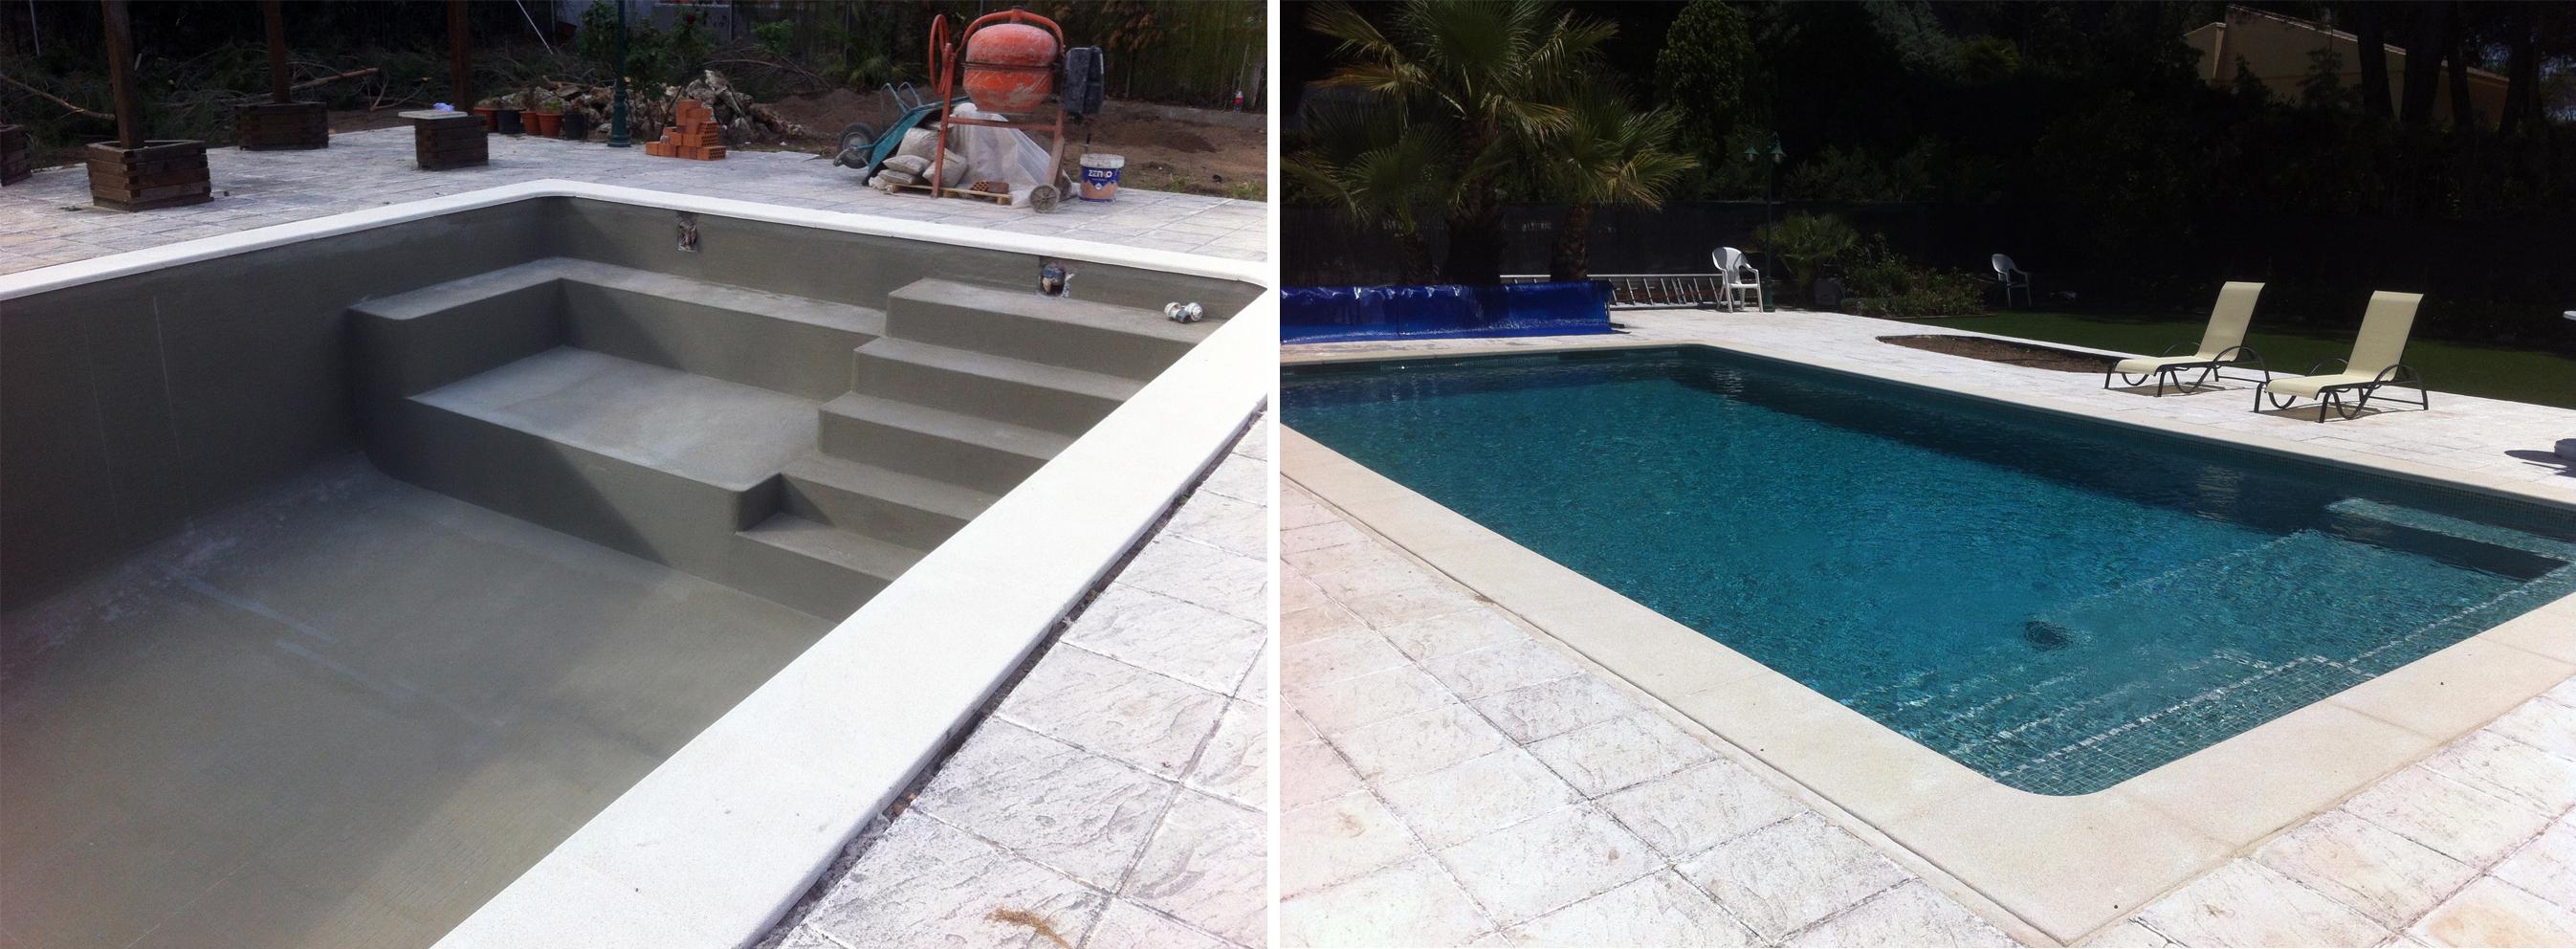 Fotos de piscinas de obra piscina de obra x with fotos de for Piscinas obra